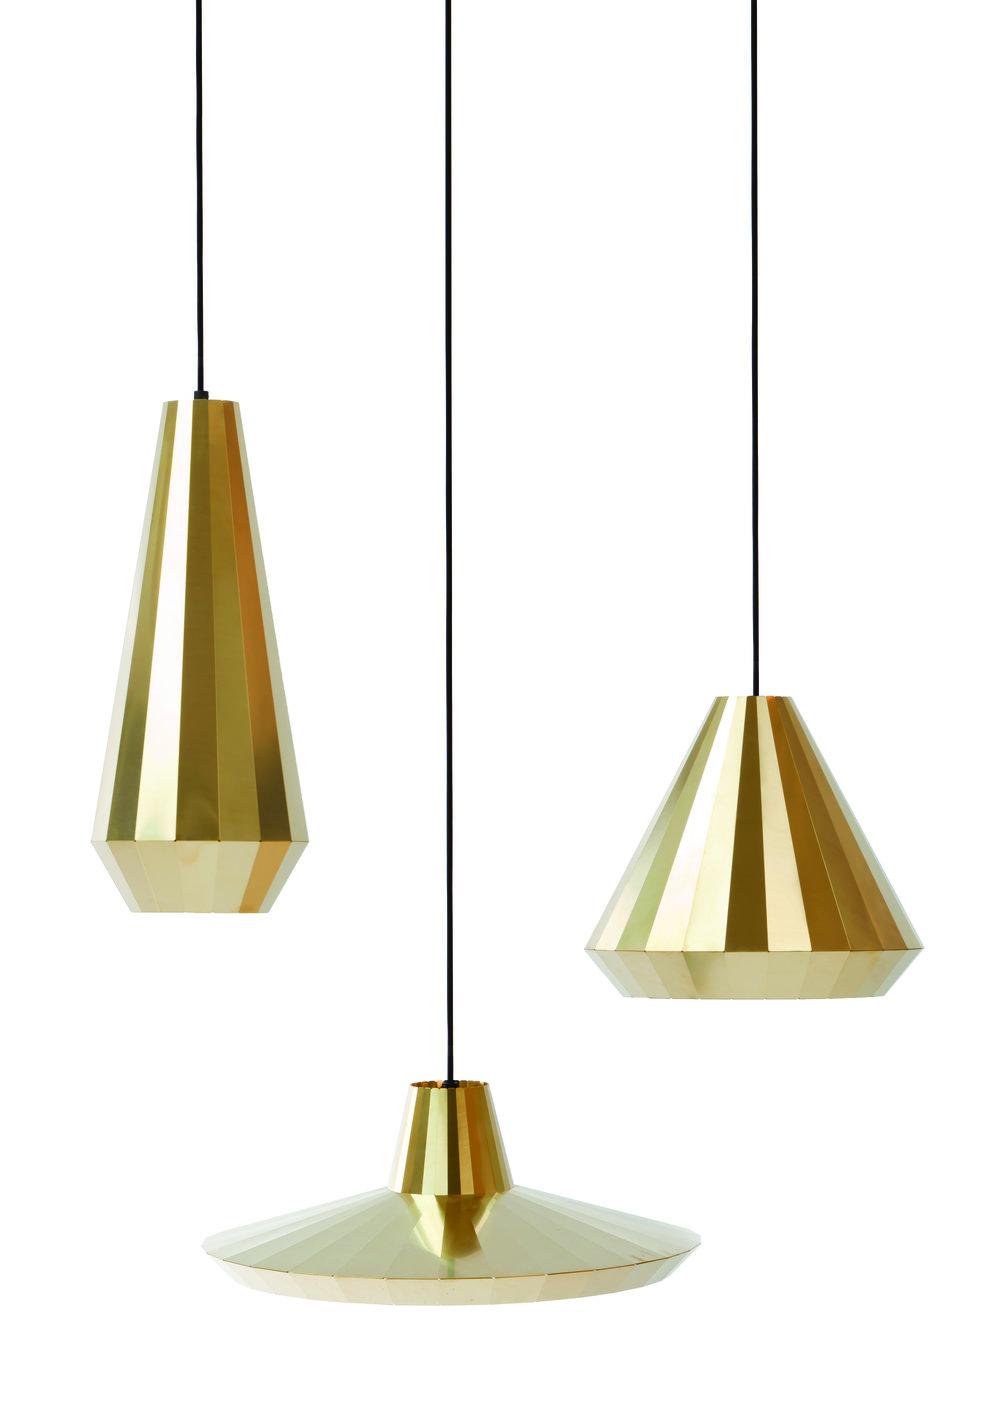 Vij5-Brass-Lights-2014-image-by-Vij5.jpeg